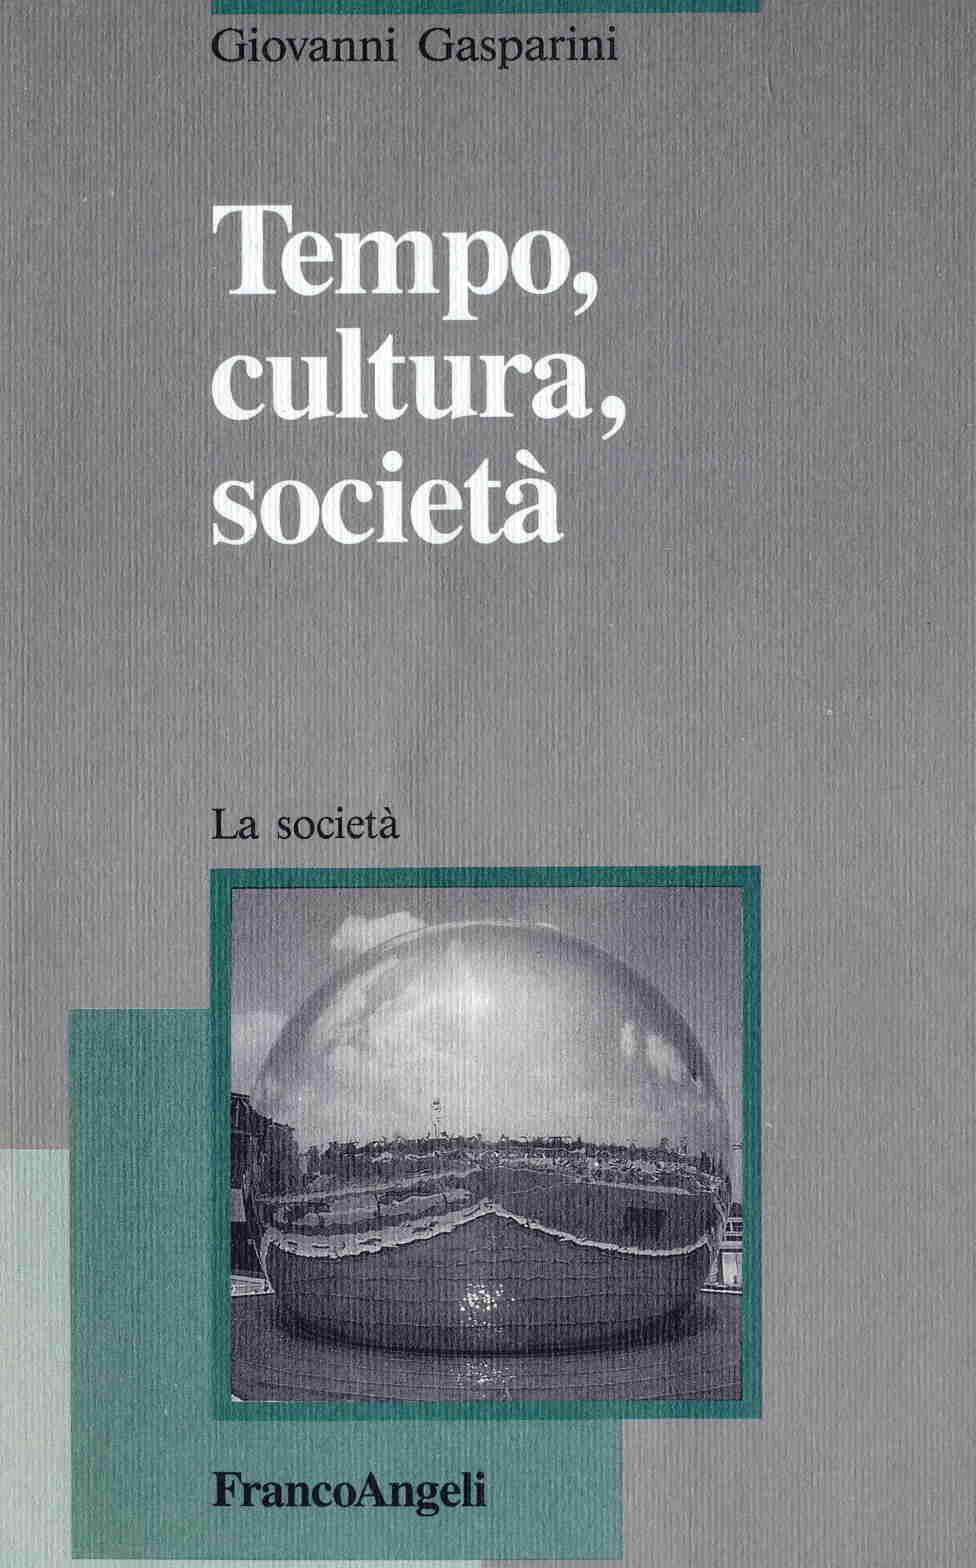 Tempo, cultura, società